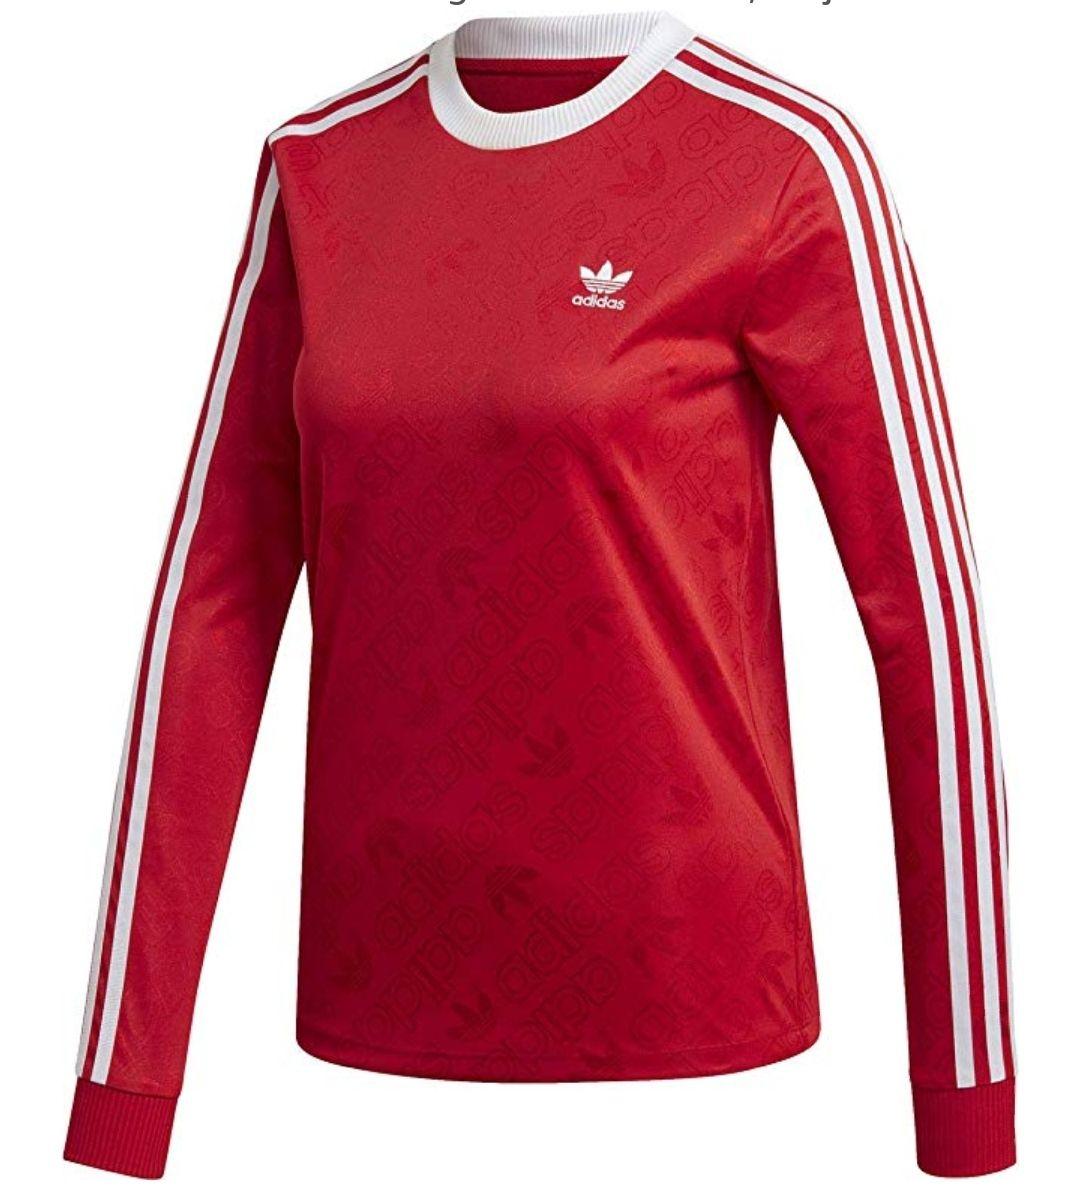 TALLA 40 - adidas 3 Str LS tee Long Sleeved T-Shirt, Mujer